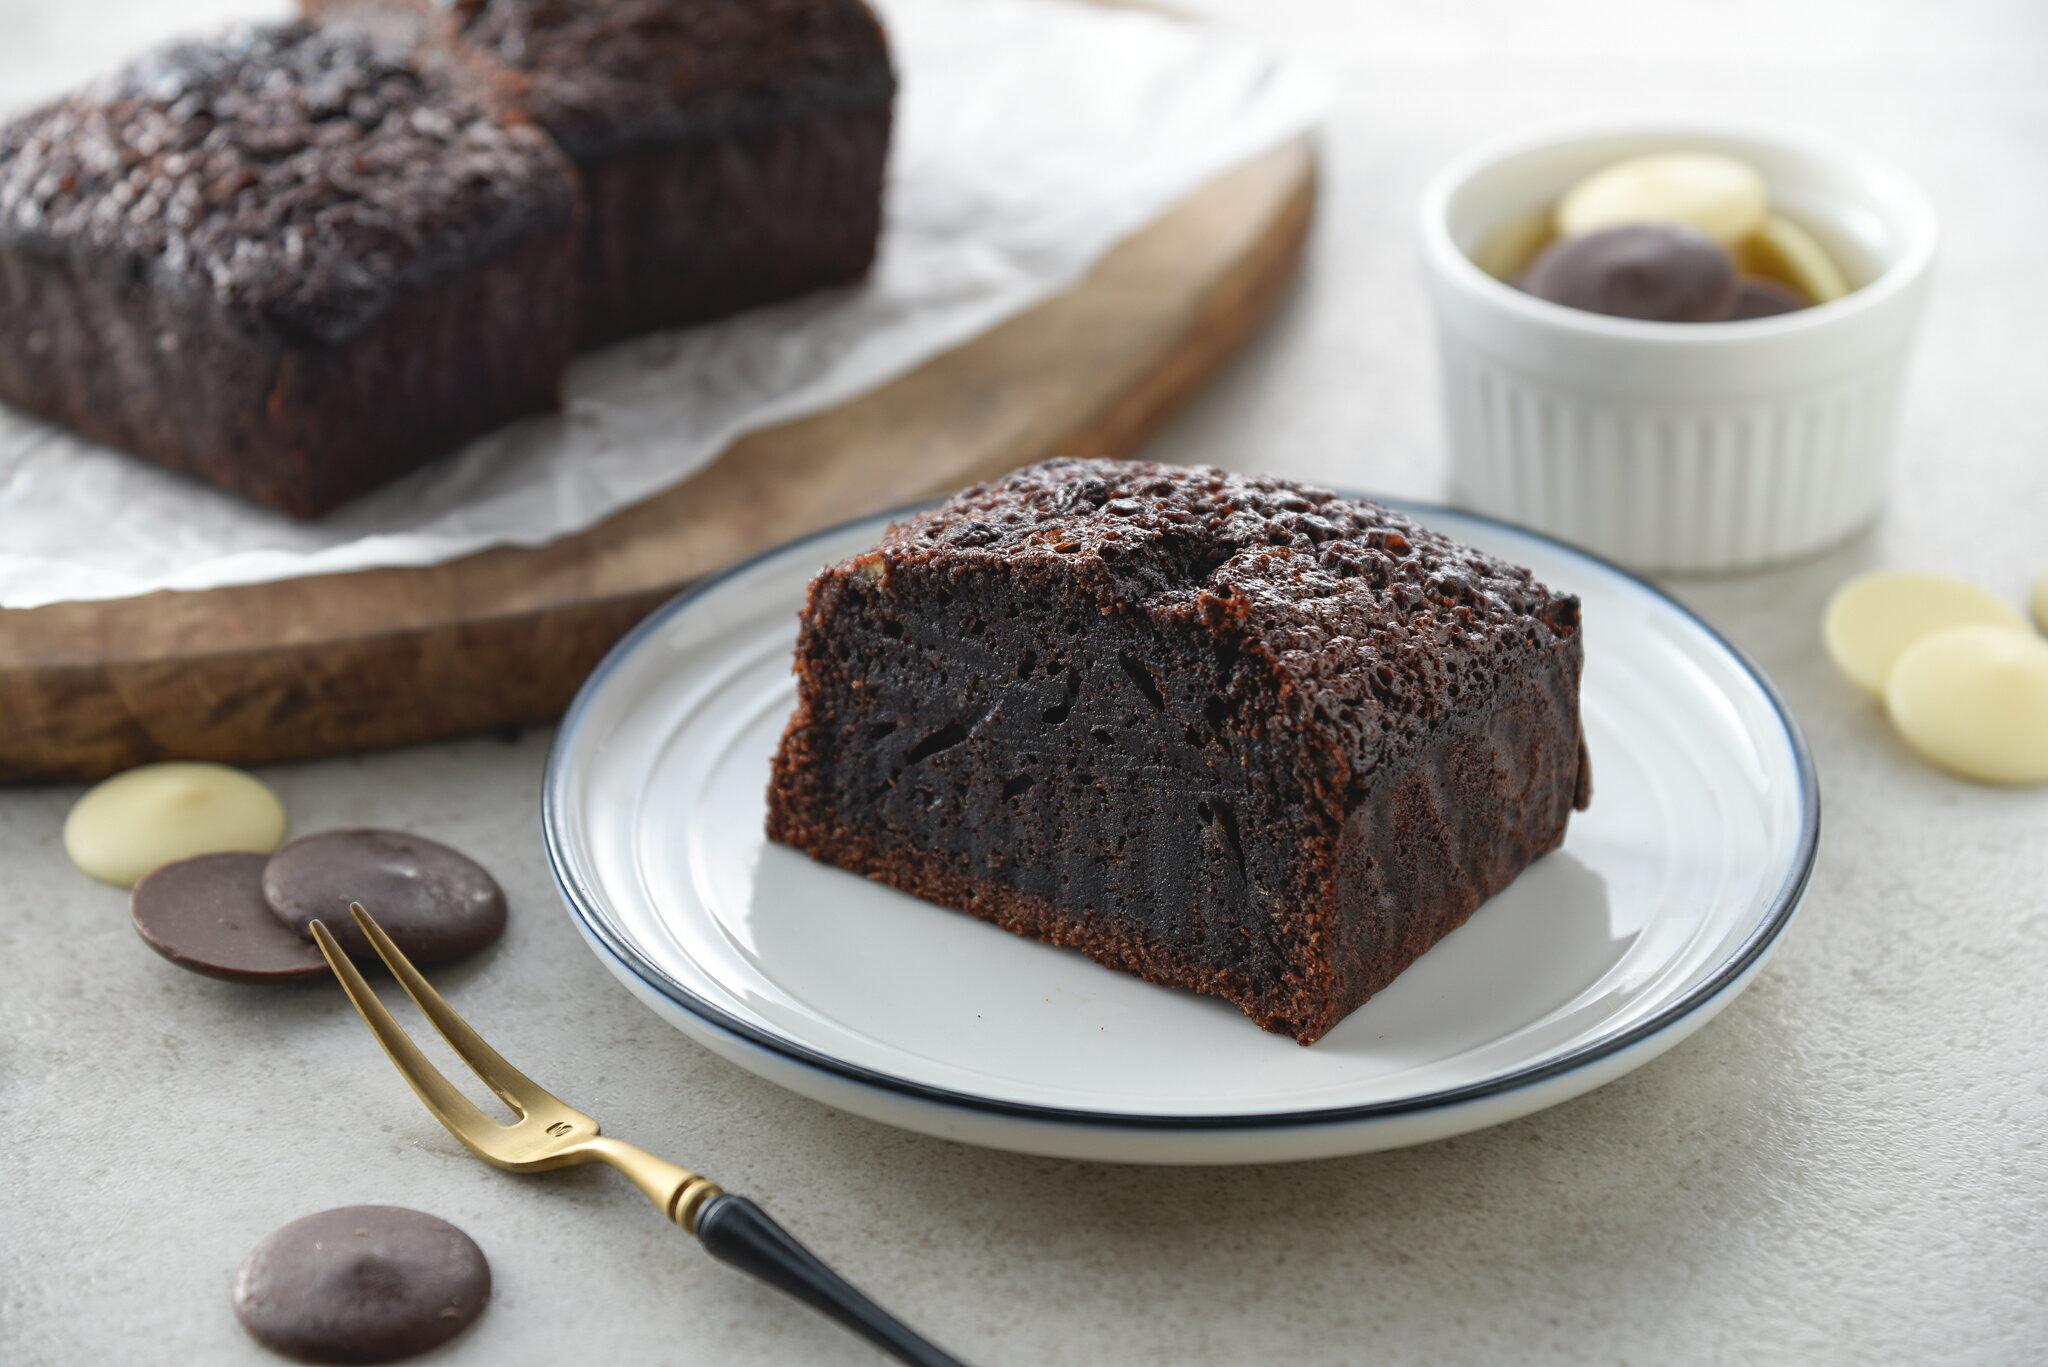 巧克力布朗尼蛋糕 重量:380g  蛋糕